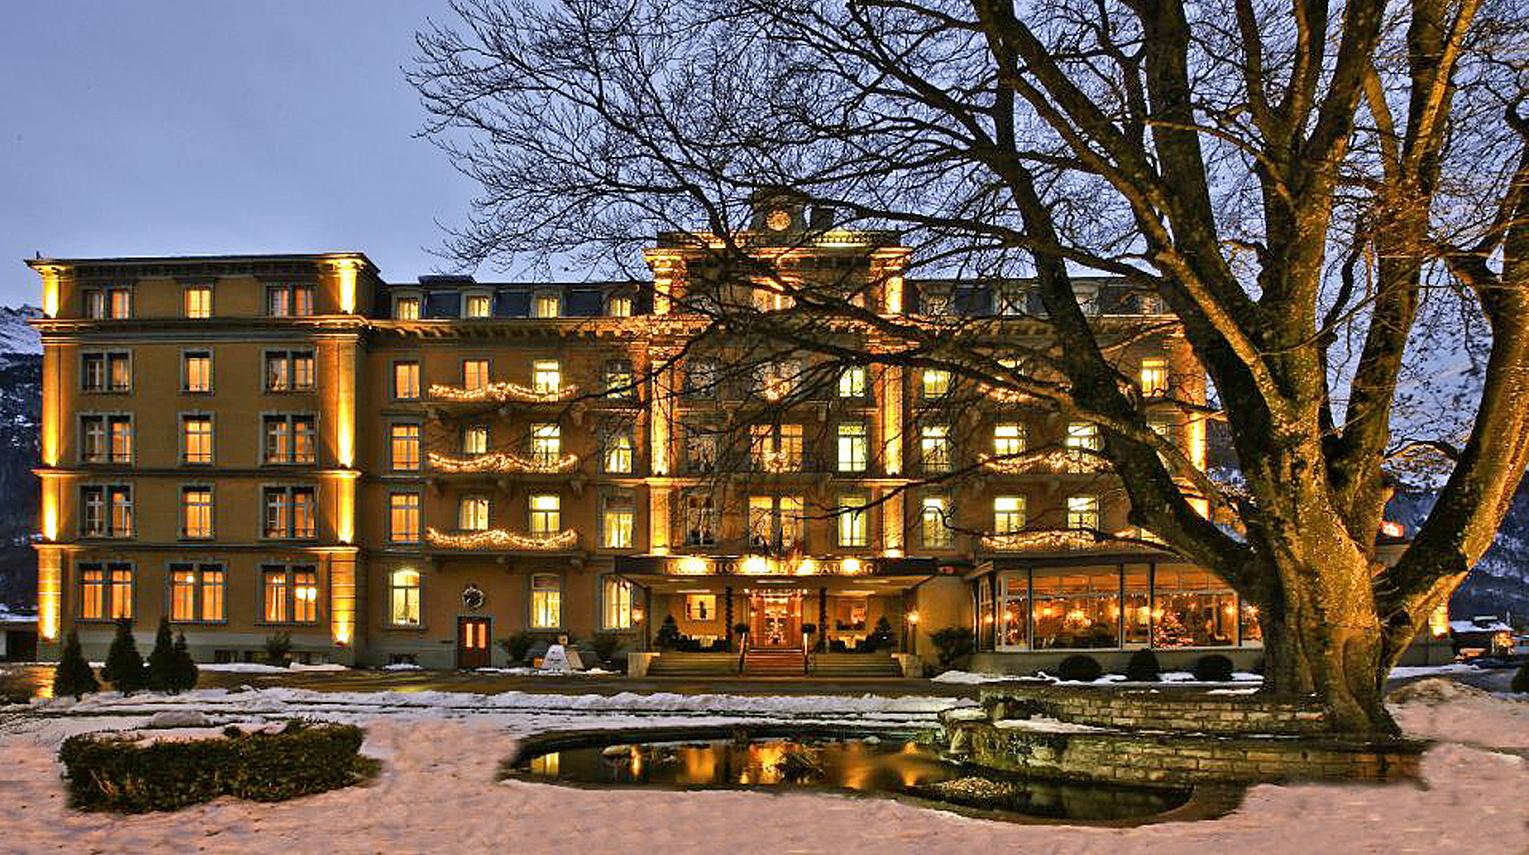 Hotelarchitect Maxim Winkelaar levert ontwerp voor verbouw van bedrijfsgebouwen, hotels en kantoren.